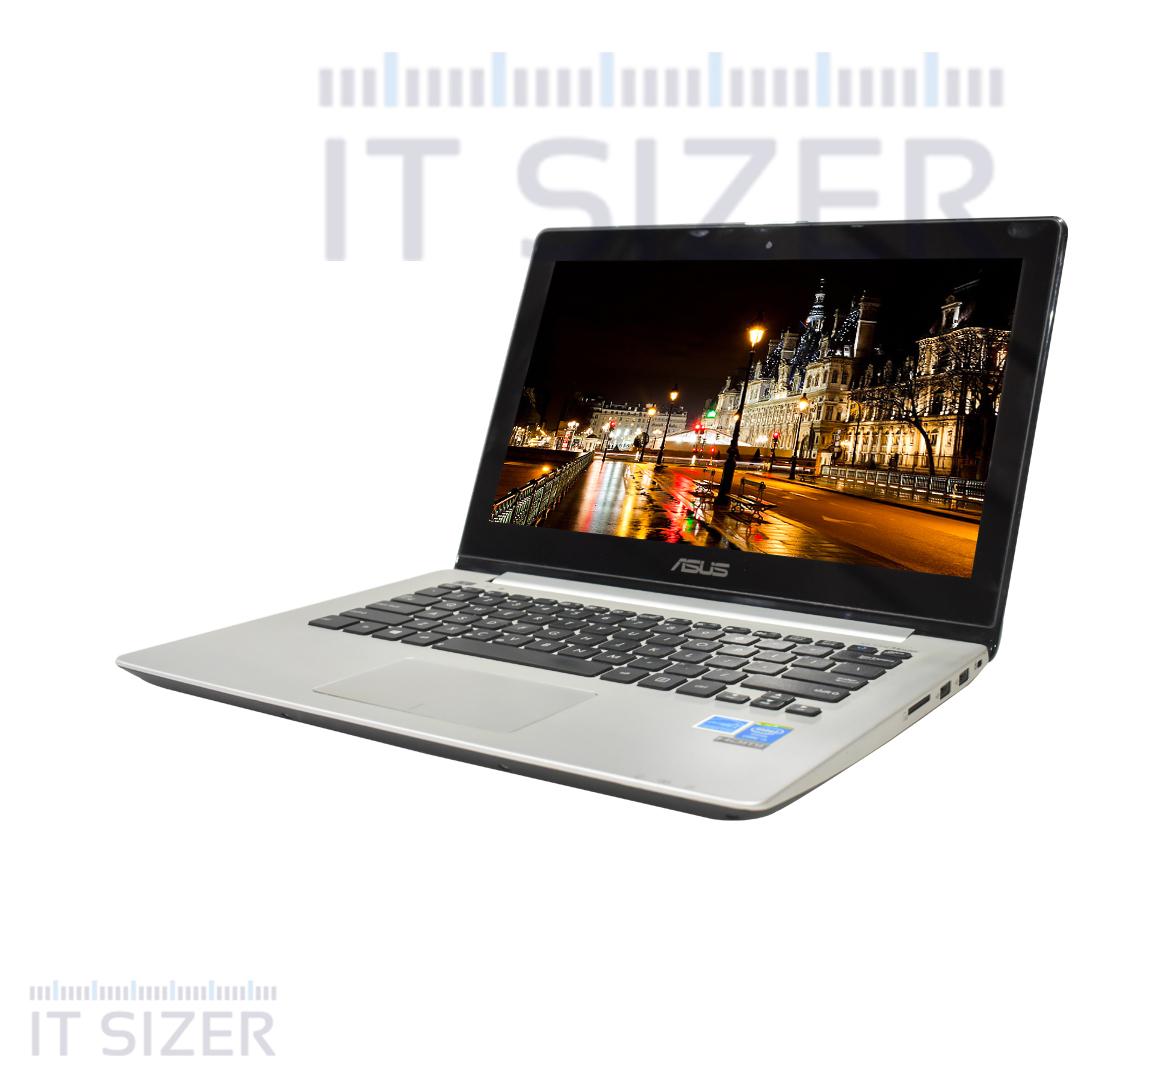 Asus Q301L Business Laptop, Intel Core i5-4200U CPU, 6GB DDR3L SODIMM RAM, 256GB SSD 2.5, 14 inch Touch Display, Windows 10 Pro (Renewed)